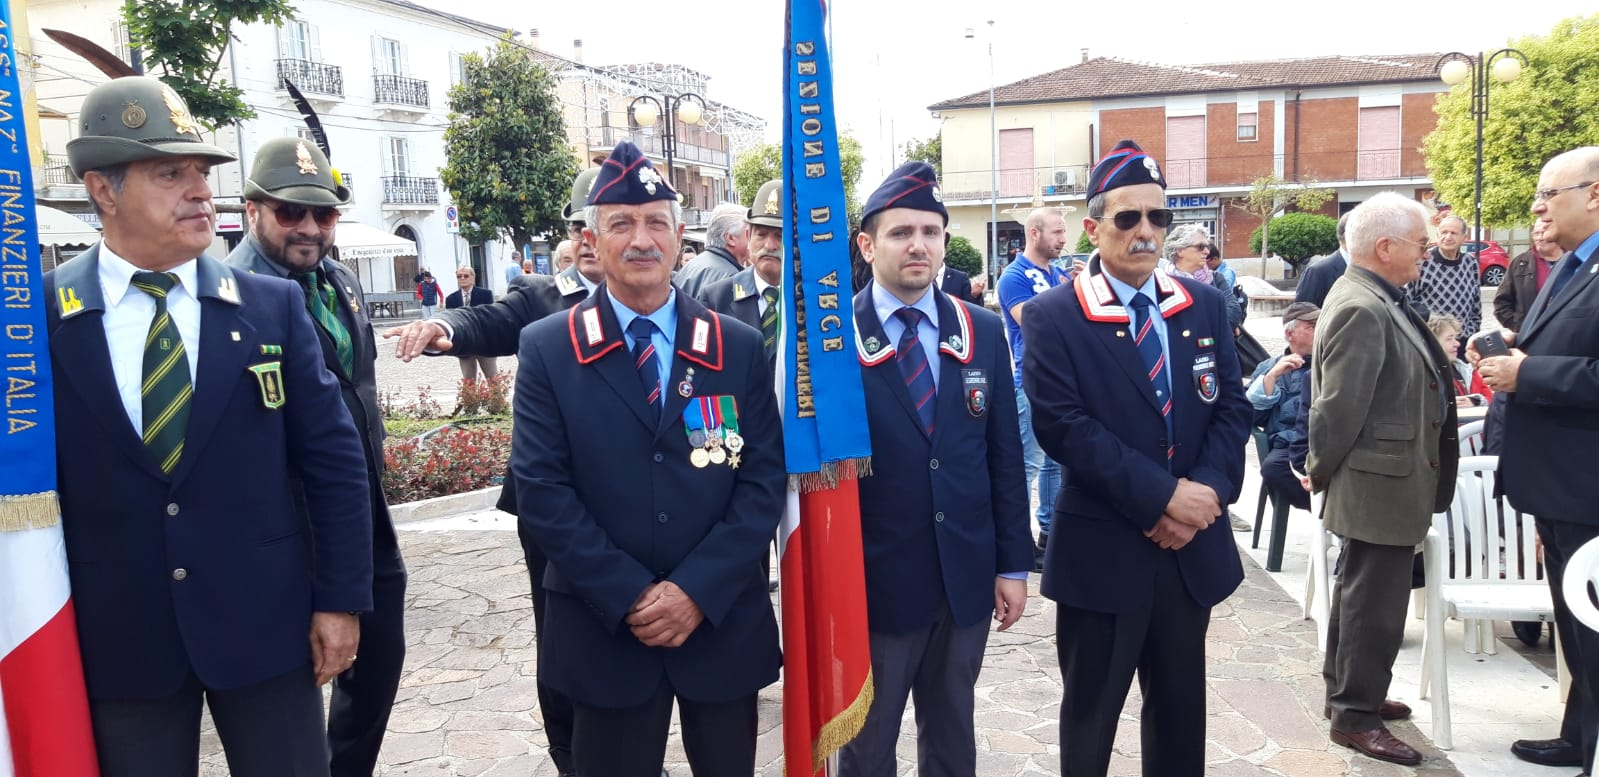 liberazione75esimo (9)